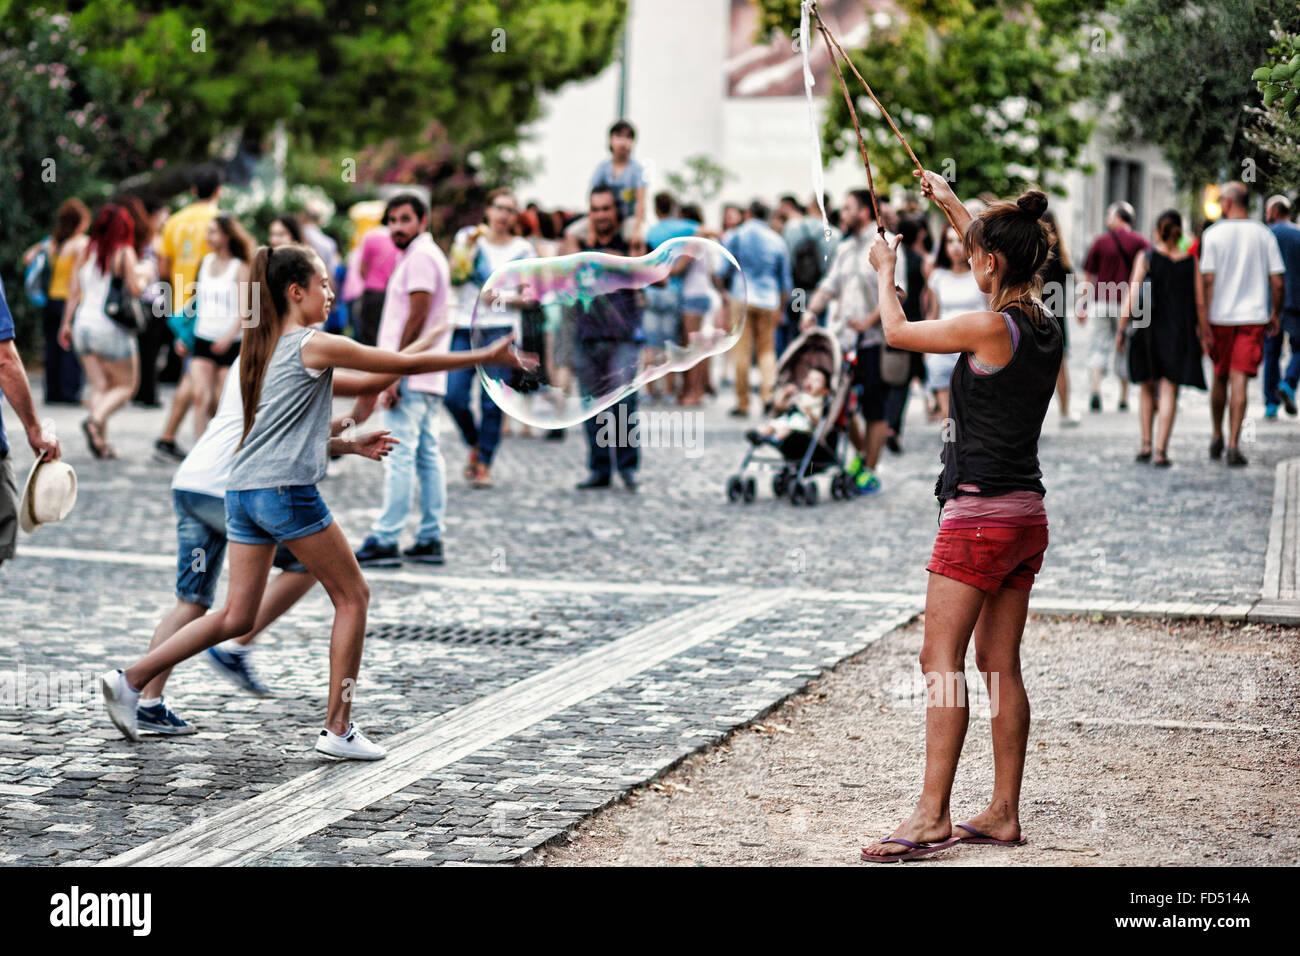 Kleine Kinder spielen mit riesige Seifenblasen in den Straßen von Athen, Griechenland Stockbild